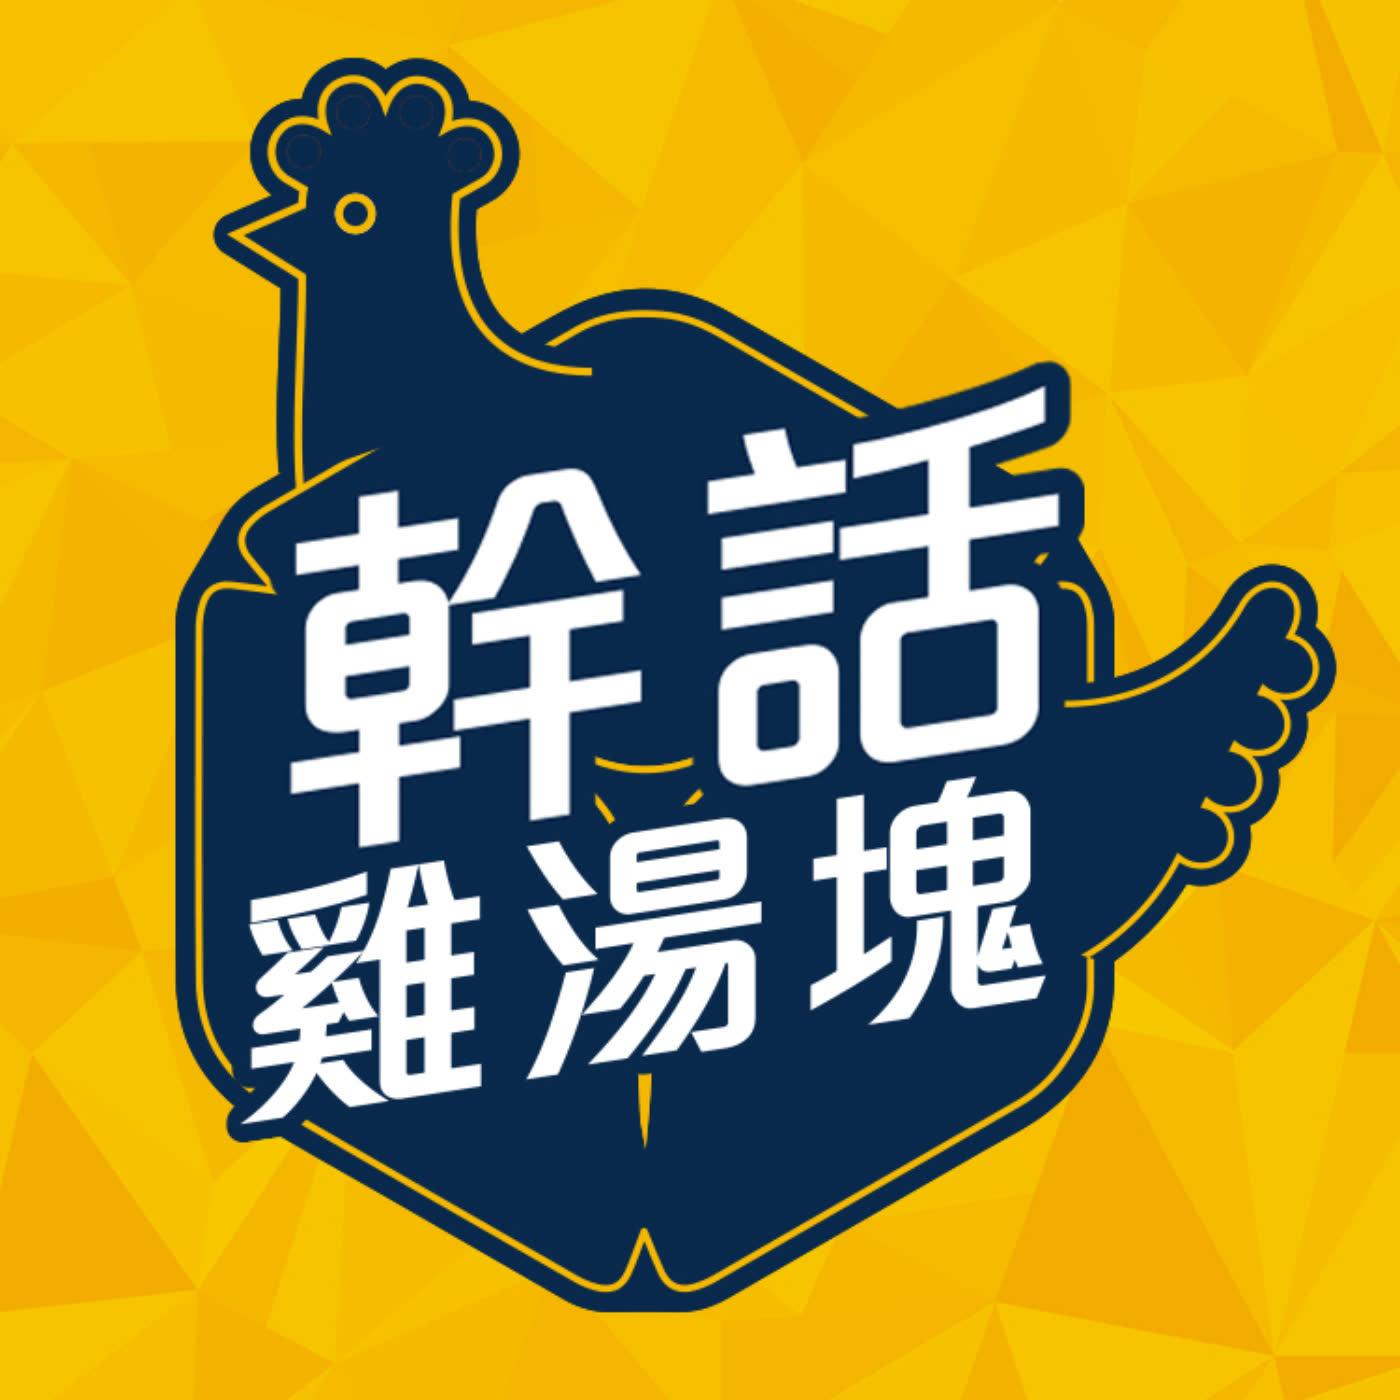 EP.08 收車收不停QQ feat. 翔翔&抓抓